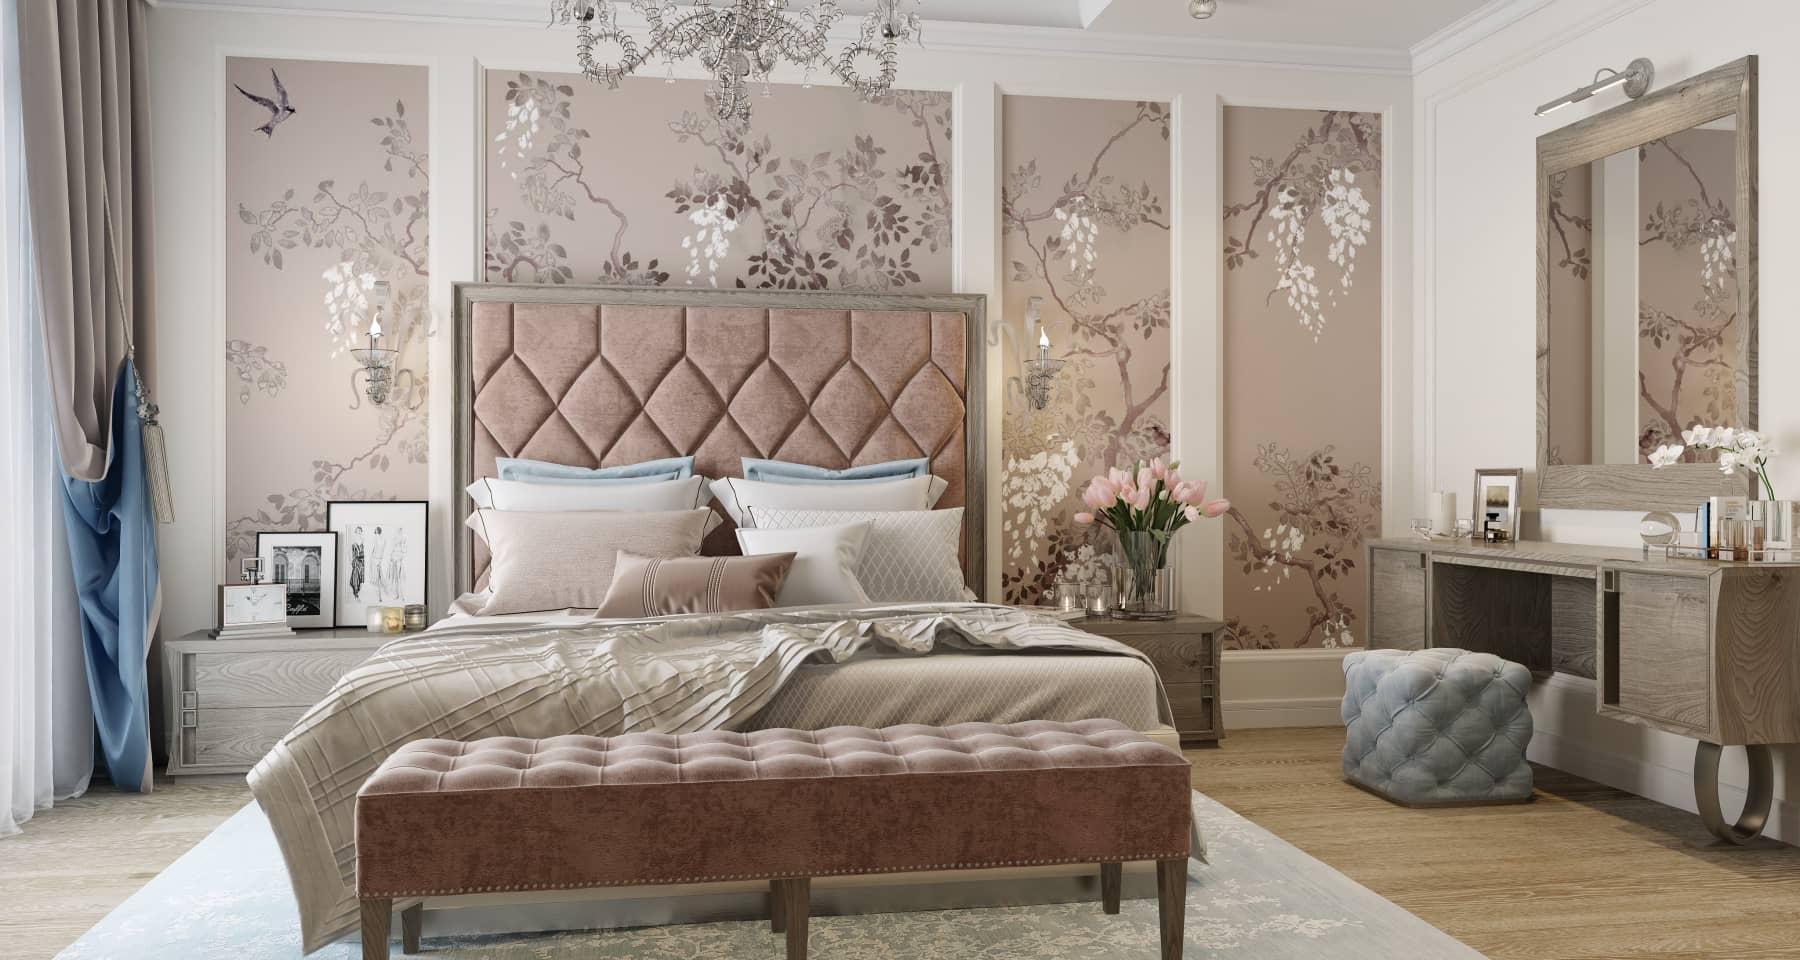 Неоклассическая спальня с цветочными узорами